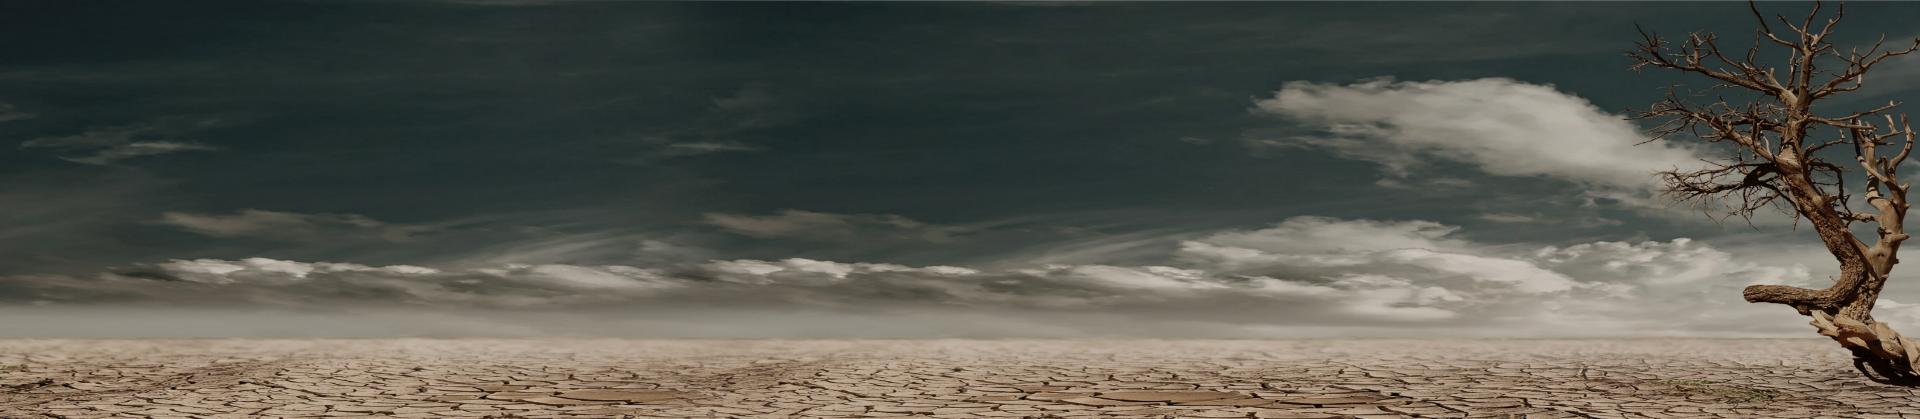 desert3-1920x419